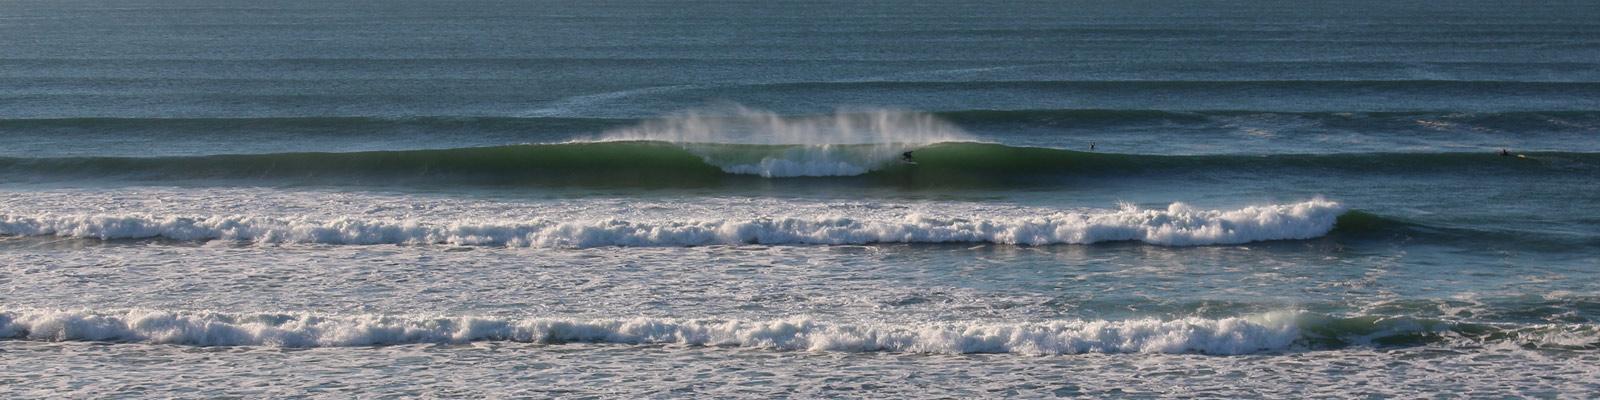 Ecole de surf du golf : cours et stages de surf tous niveau à Moliets et Maa